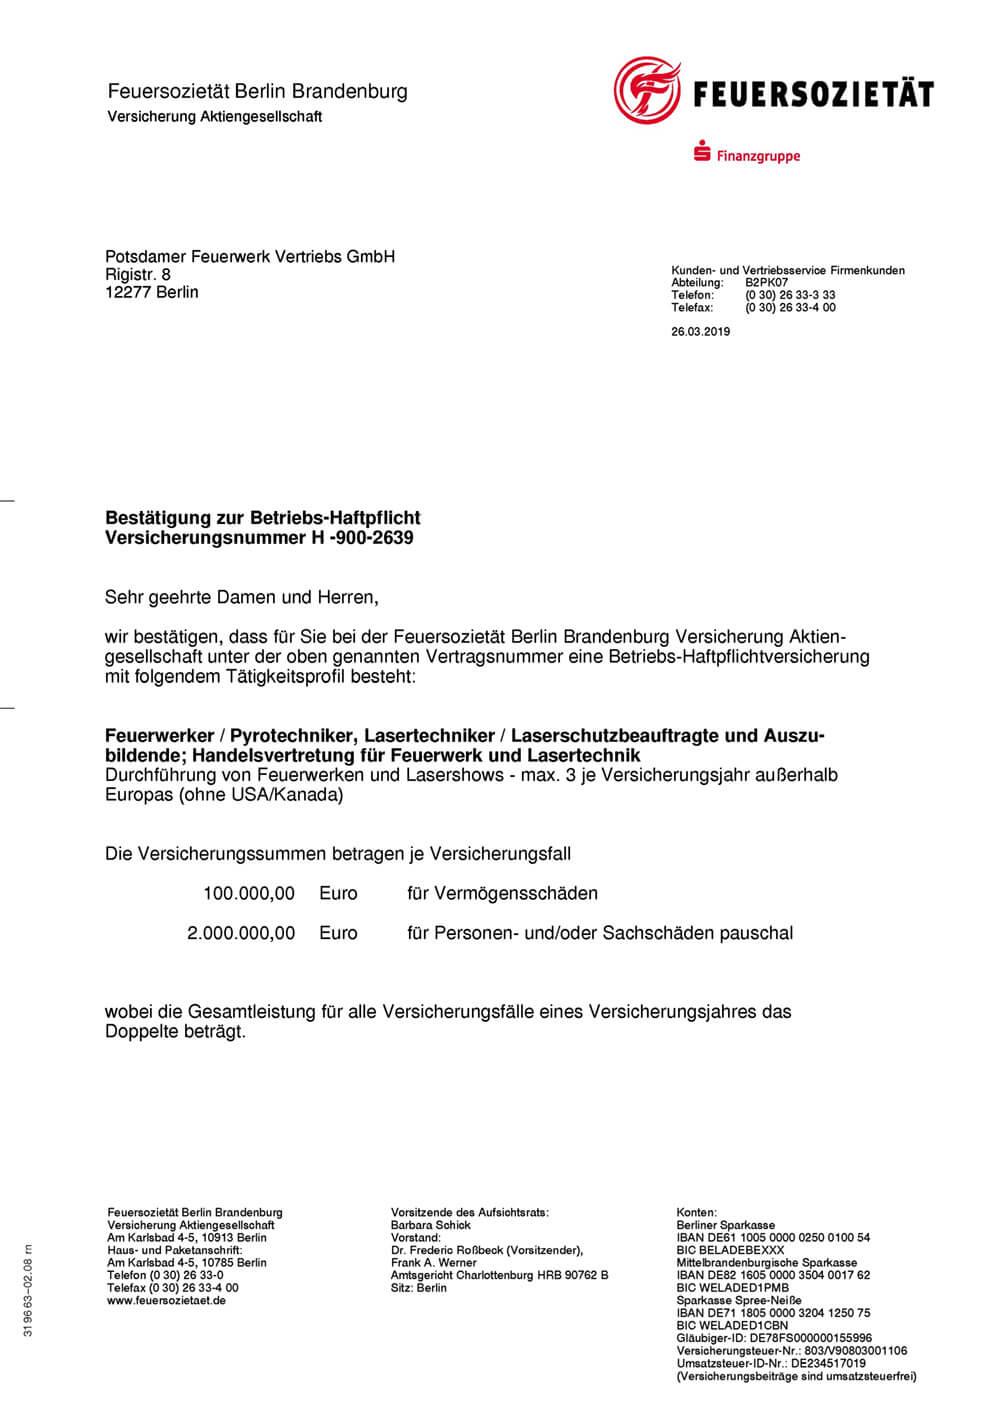 Schriftstück Nachweis über Versicherungsschutz Feuersozietät Seite 1